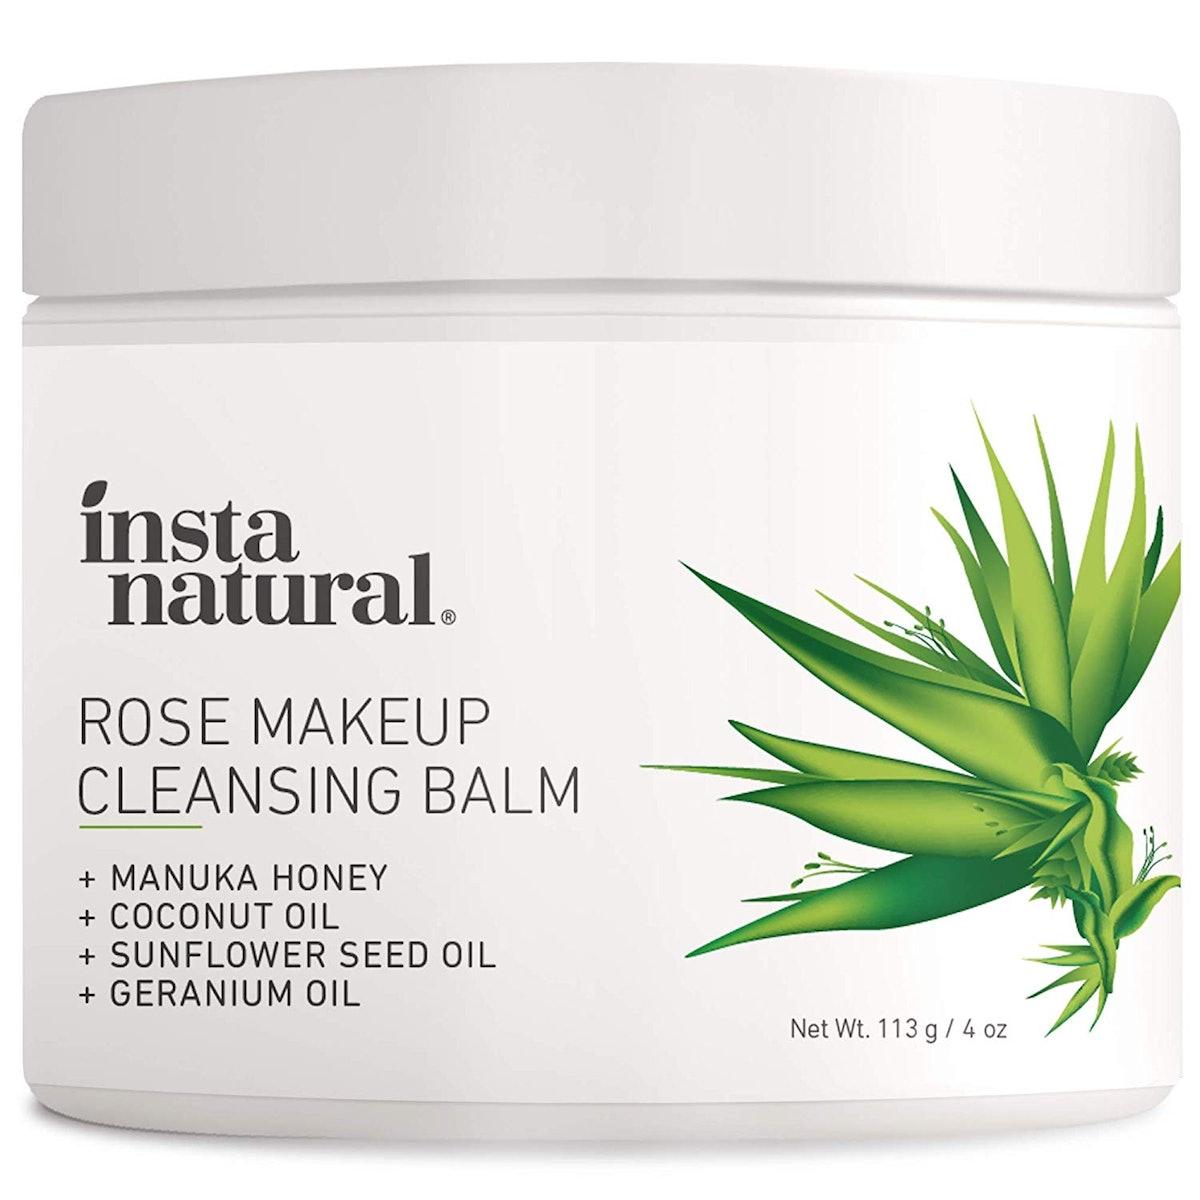 InstaNatural Rose Makeup Cleansing Balm